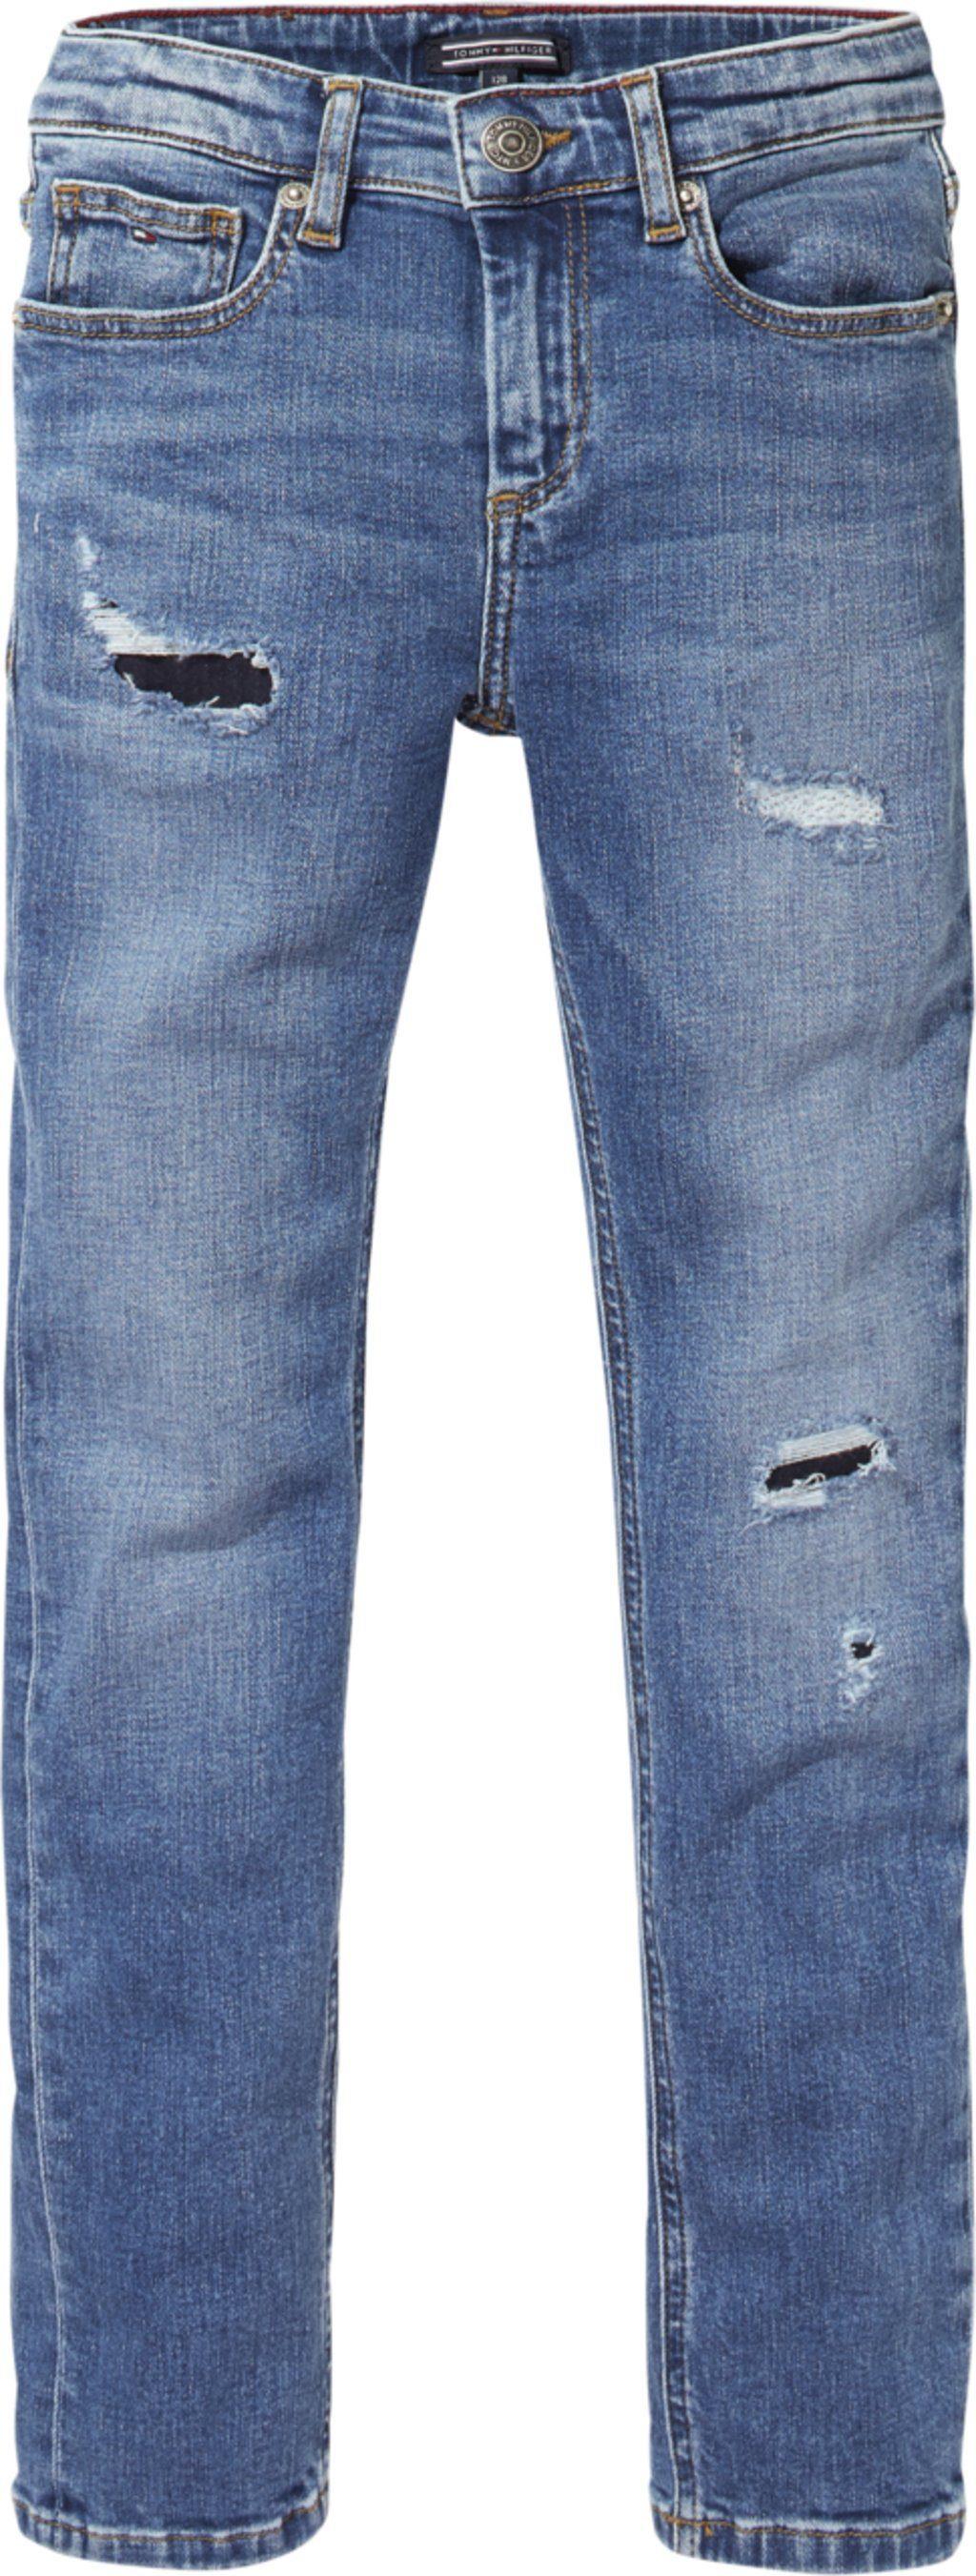 Tommy Hilfiger Jeans »SCANTON SLIM NYMDS«